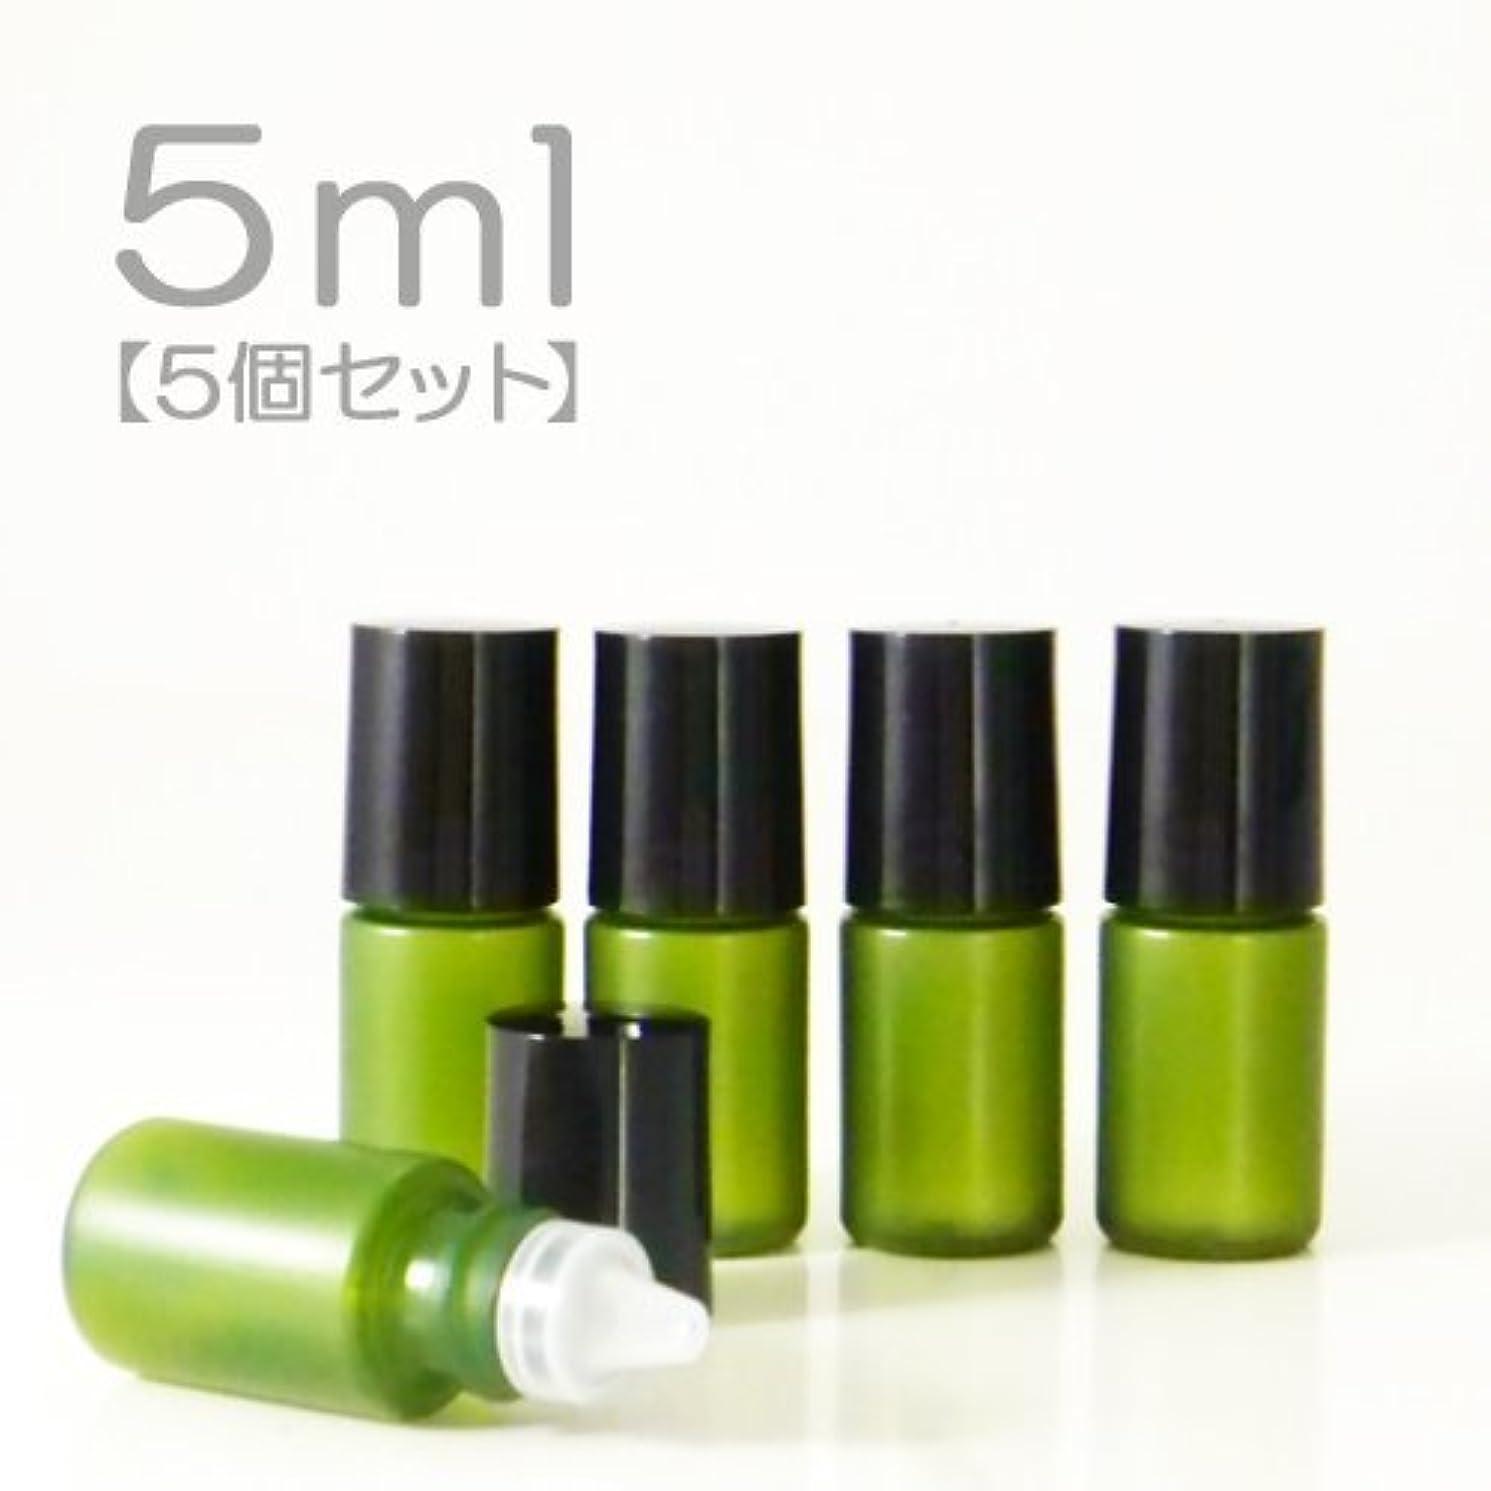 ぴかぴかチーターチューリップミニボトル容器 5ml グリーン (5個セット) 【化粧品容器】